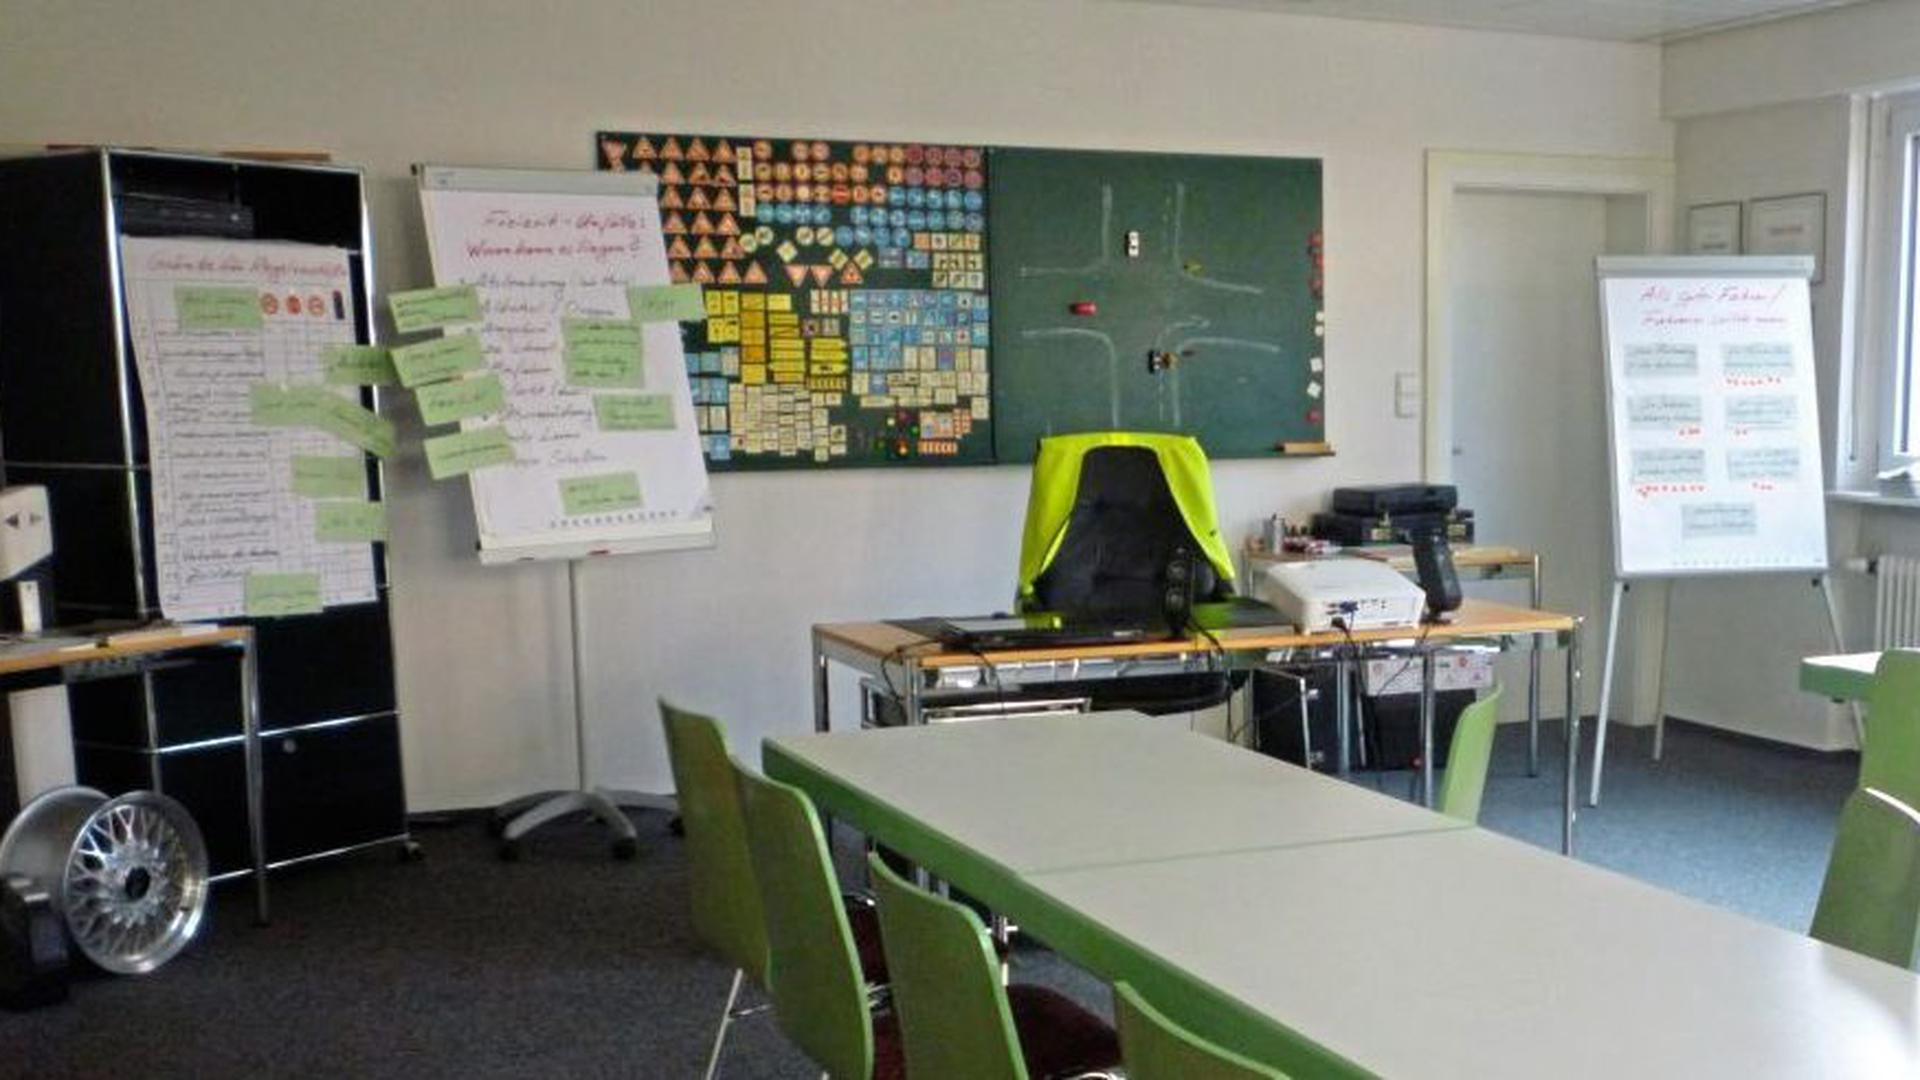 Leere Stuhlreihen gibt es vorerst wie hier in der Acherner Fahrschule Nock: Weder Unterricht noch Prüfungen sind in den Fahrschulen momentan möglich.